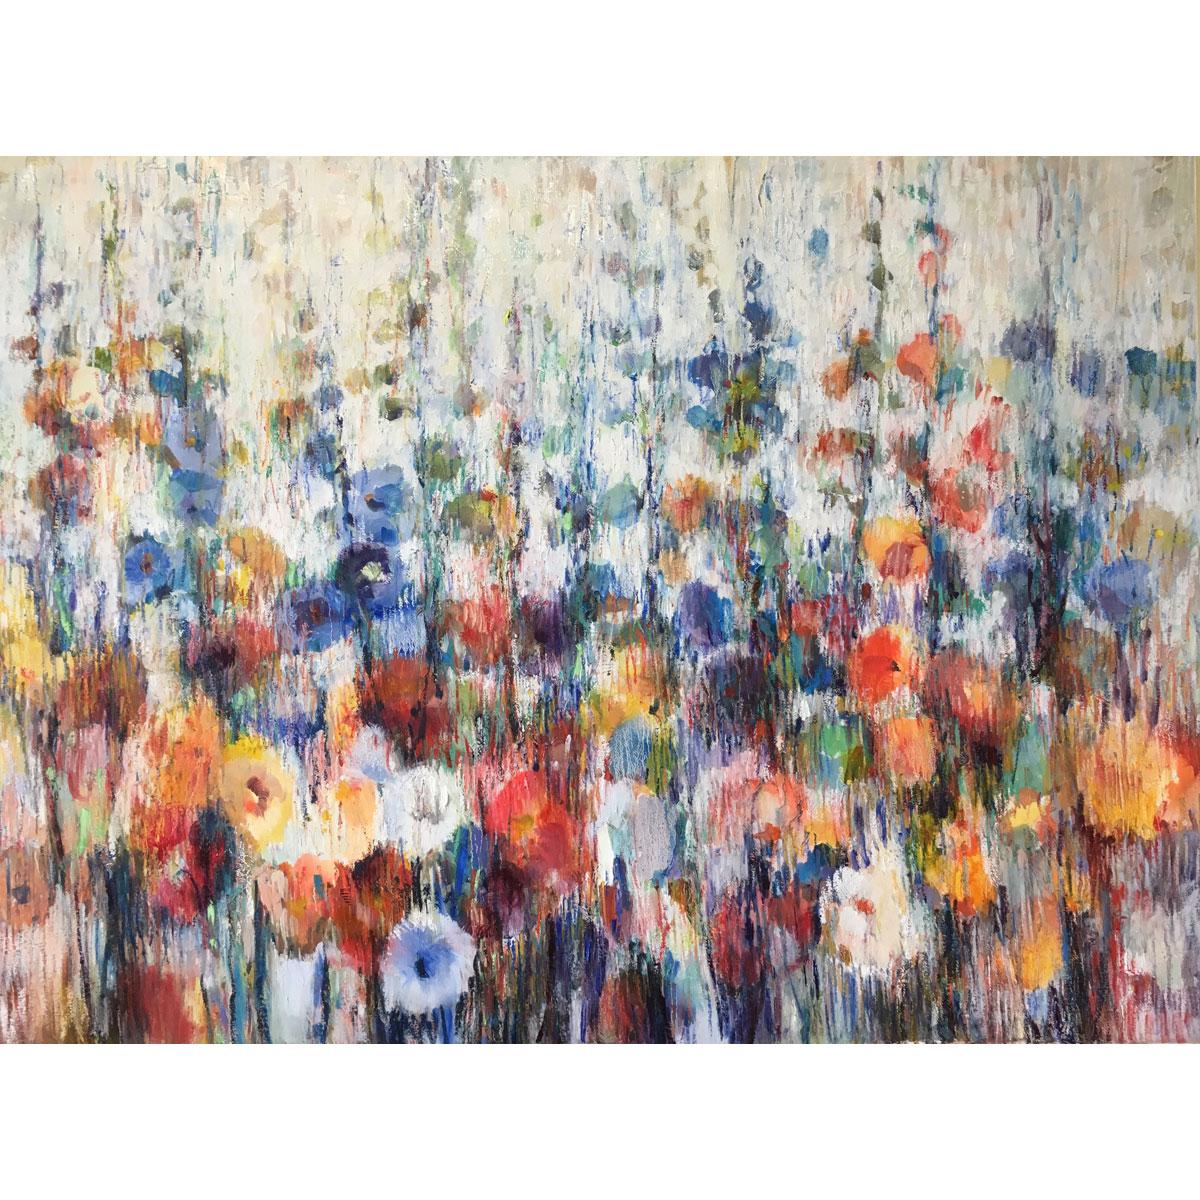 Delight In Hope by Maria Zielinska